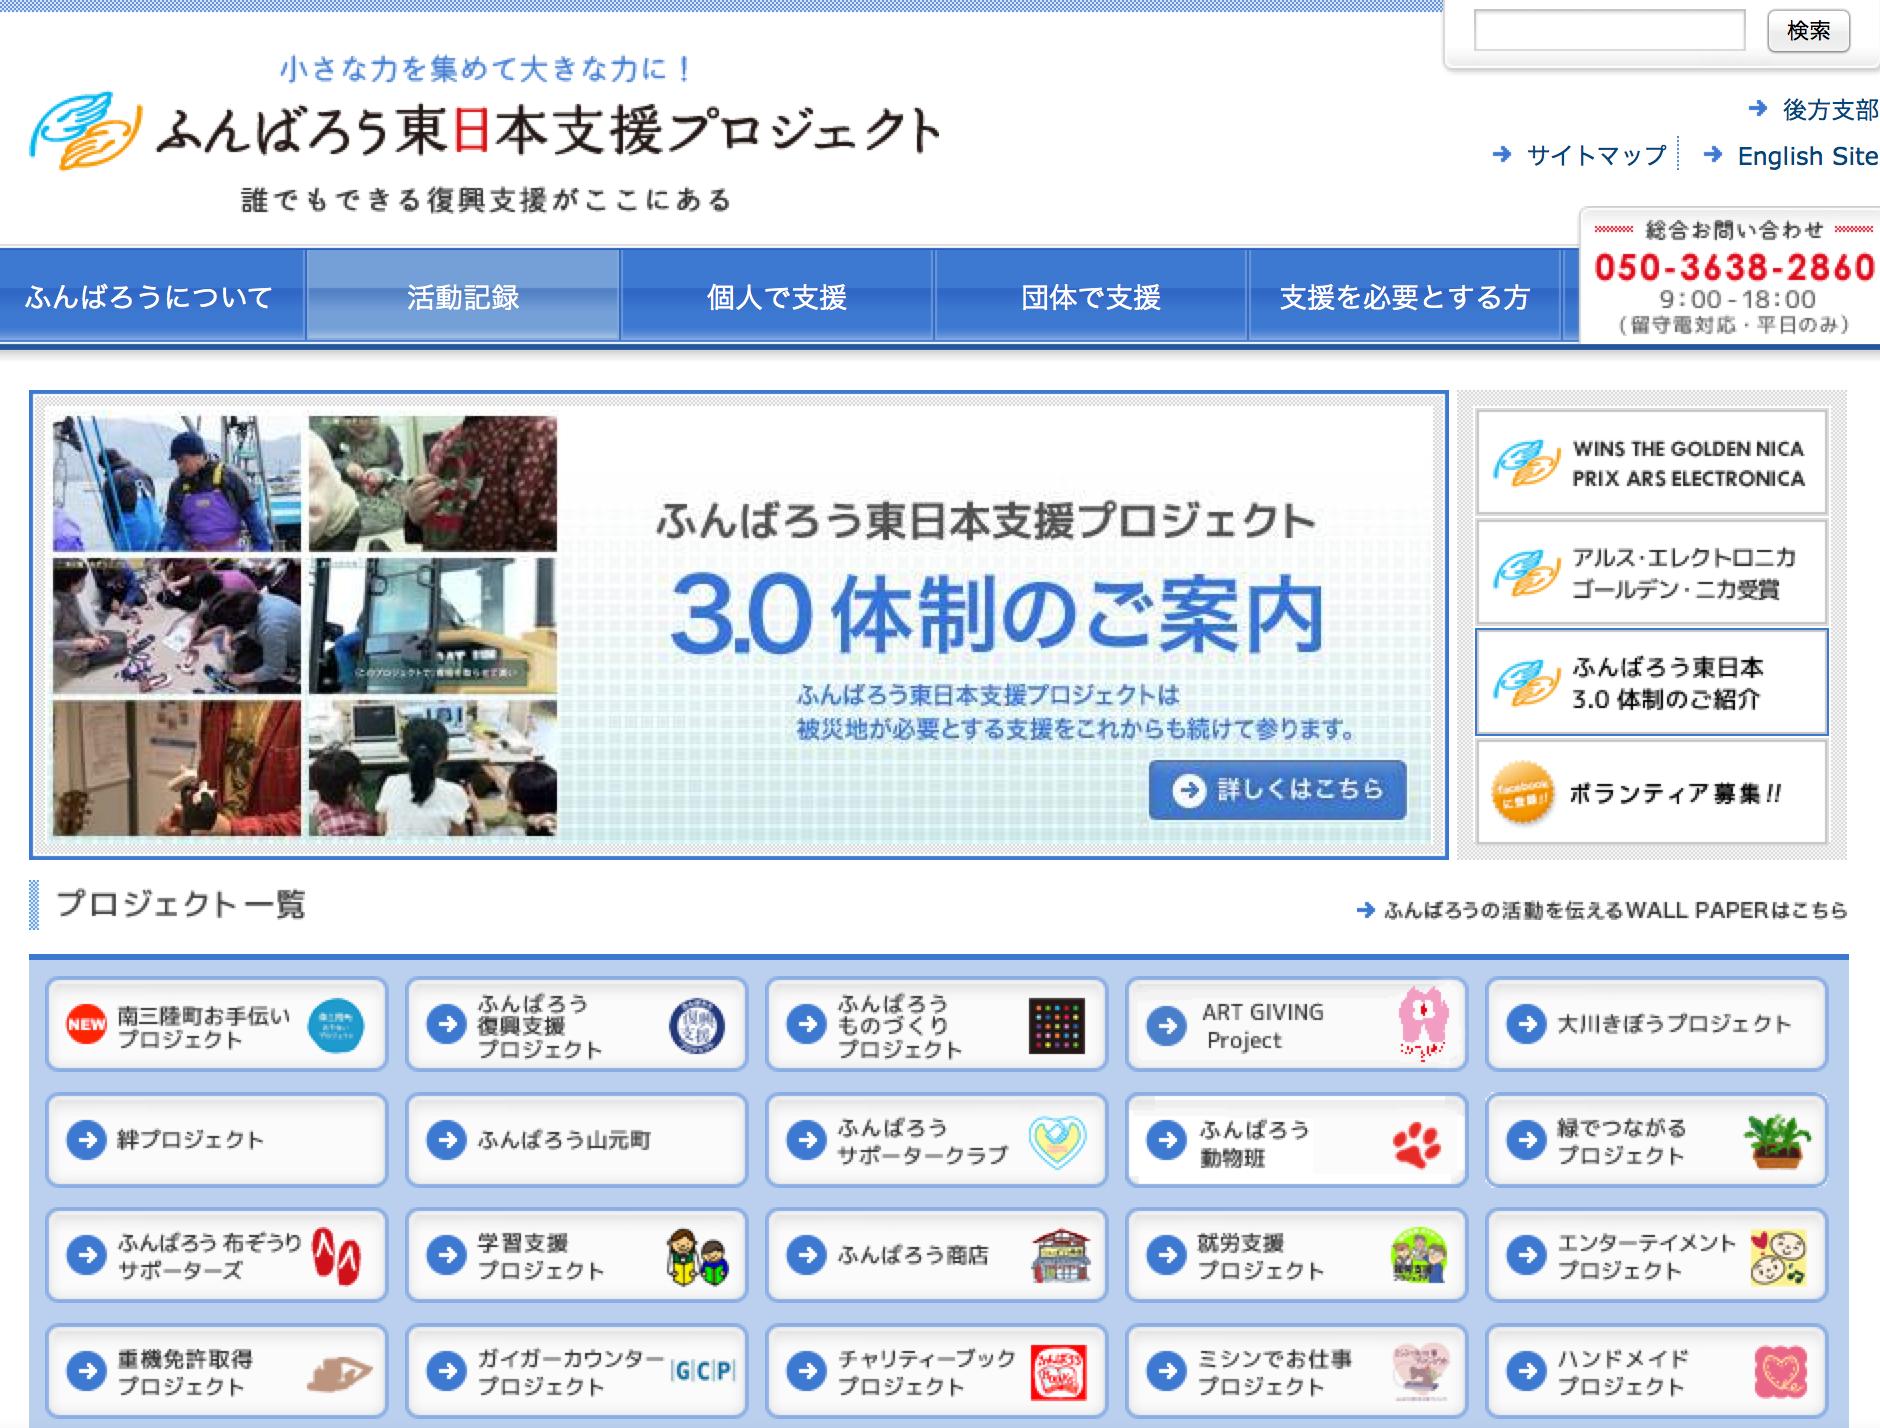 ふんばろう東日本支援プロジェクト